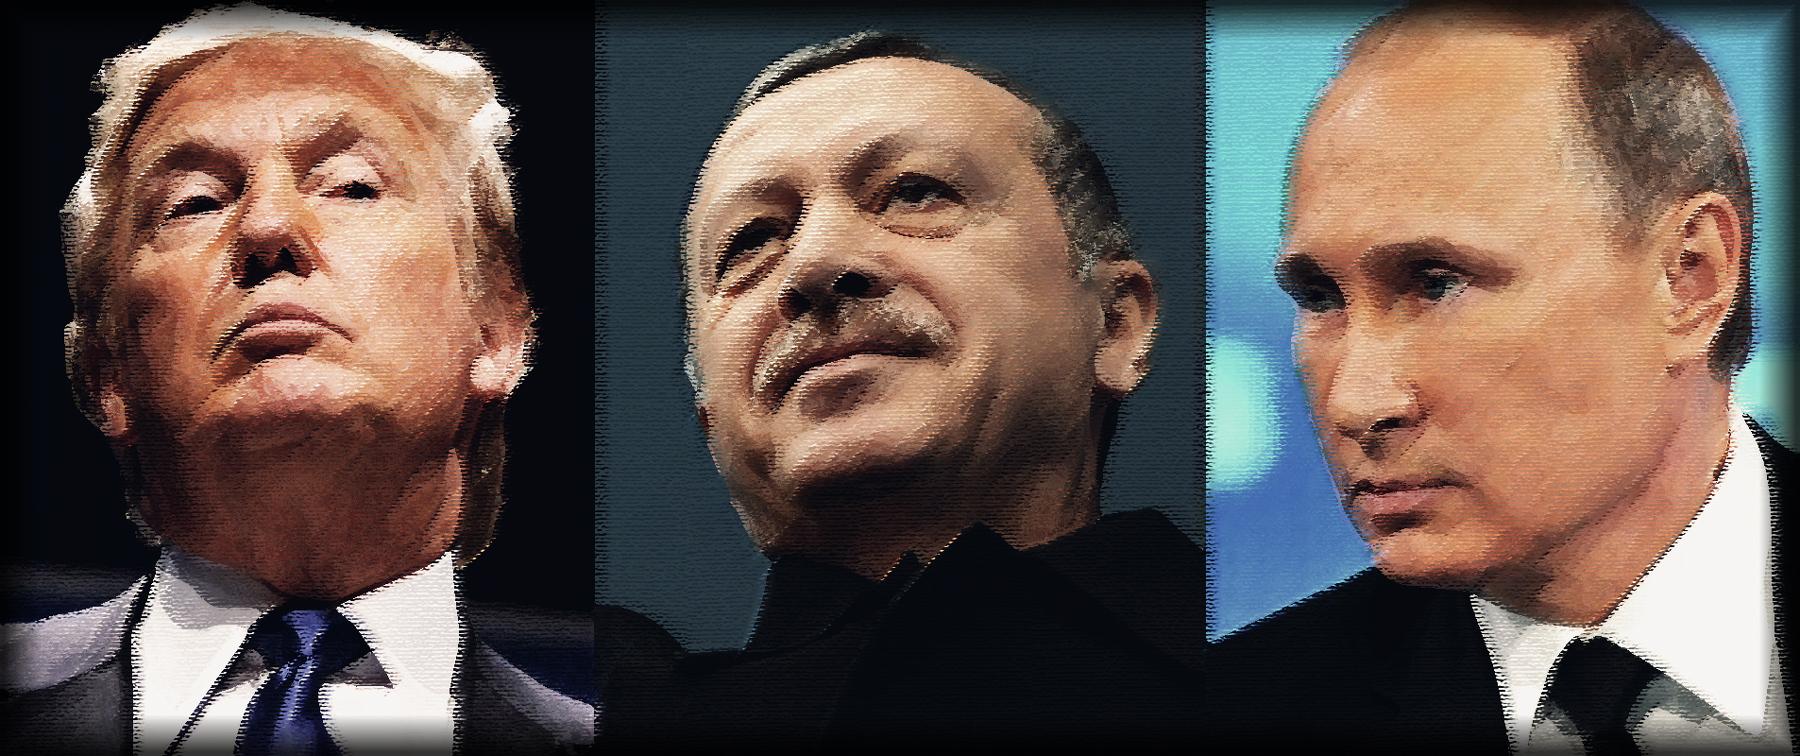 Trump auf Konfrontationskurs mit Erdogan wegen russischer S-400-Lieferungen <br>  <span id='sec-title'>Eskaliert die US-Türkei-Krise?</span>